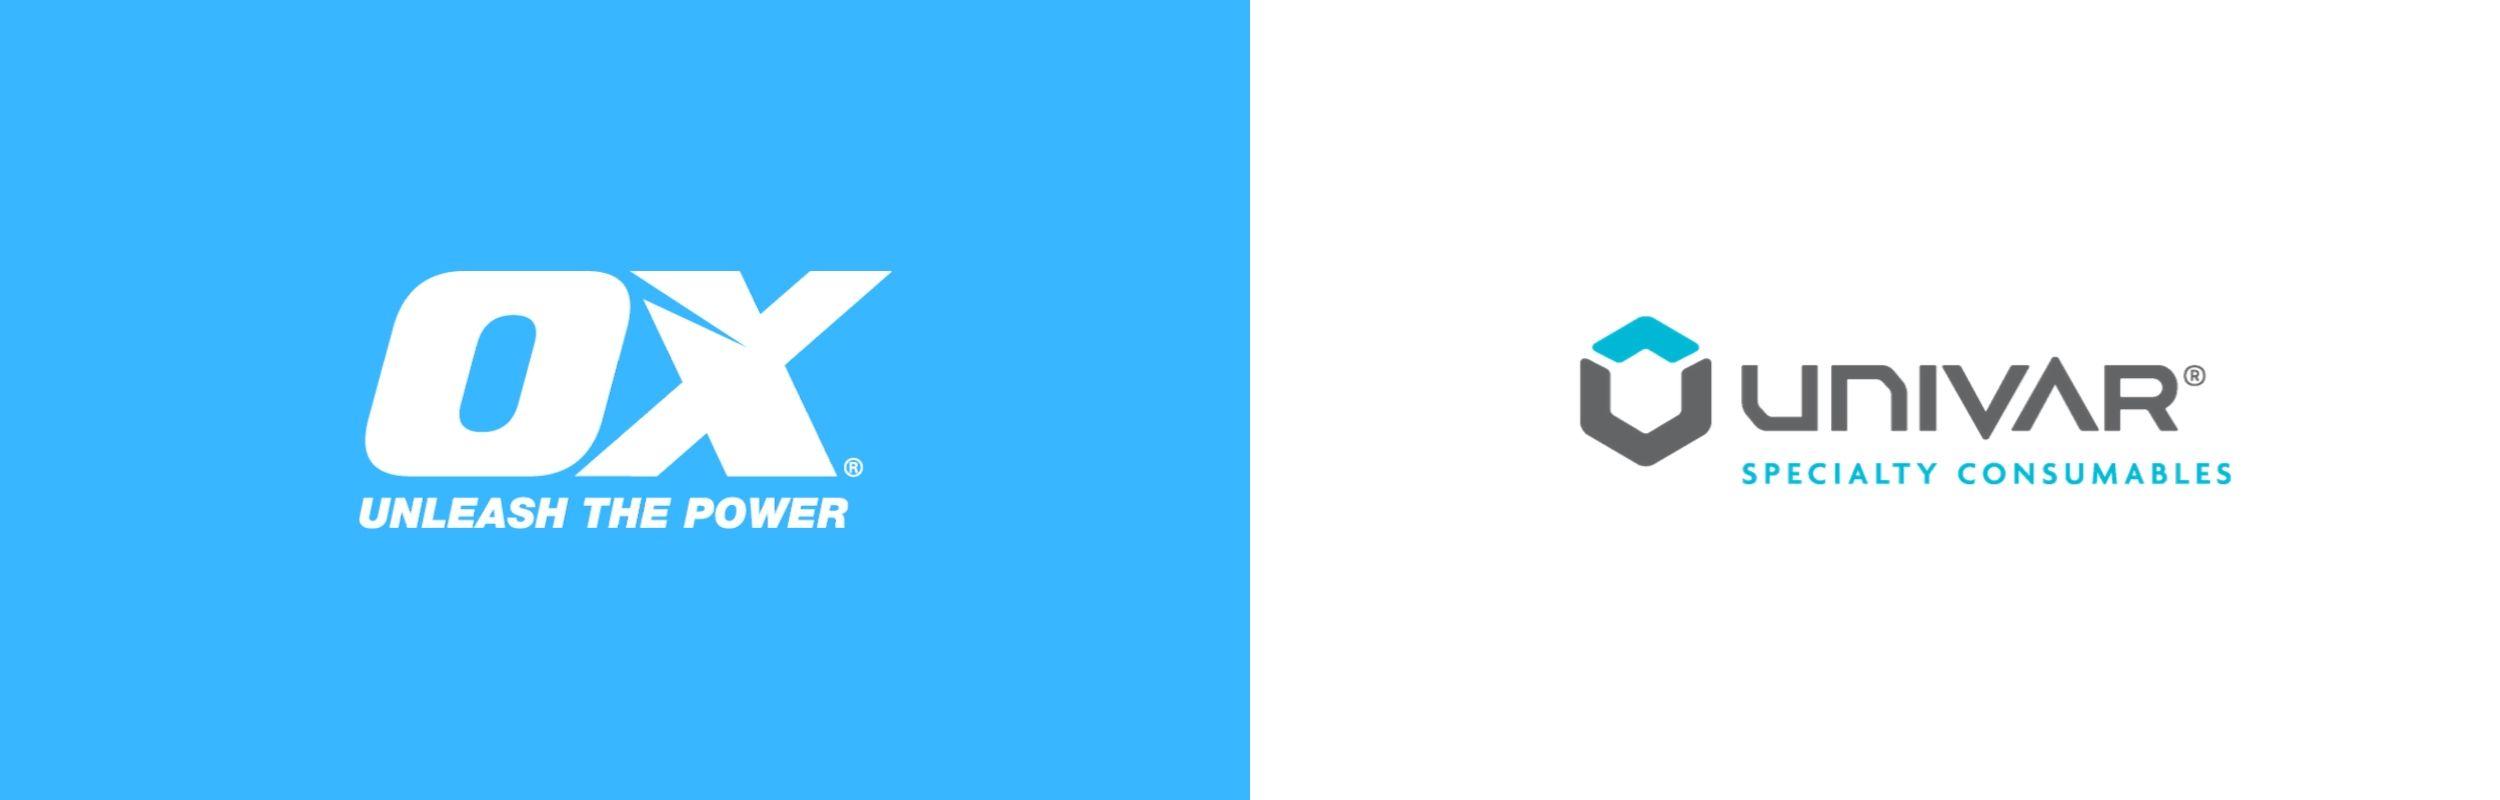 Univar cover more trades with OX Tools partnership   Univar SC